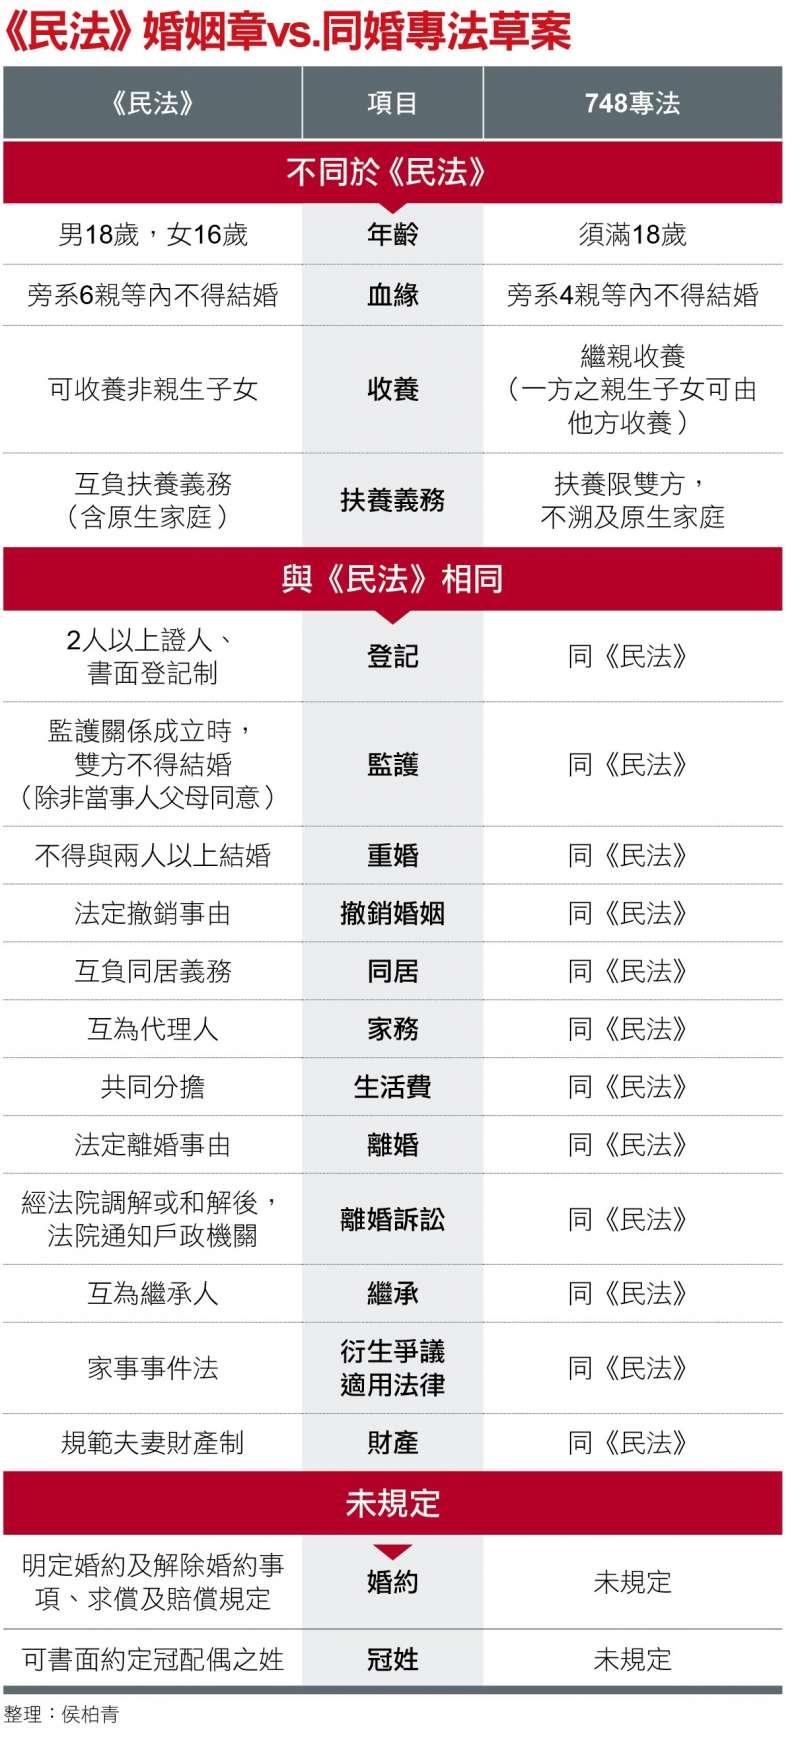 《民法》婚姻章vs.同婚專法草案(整理:侯柏青)